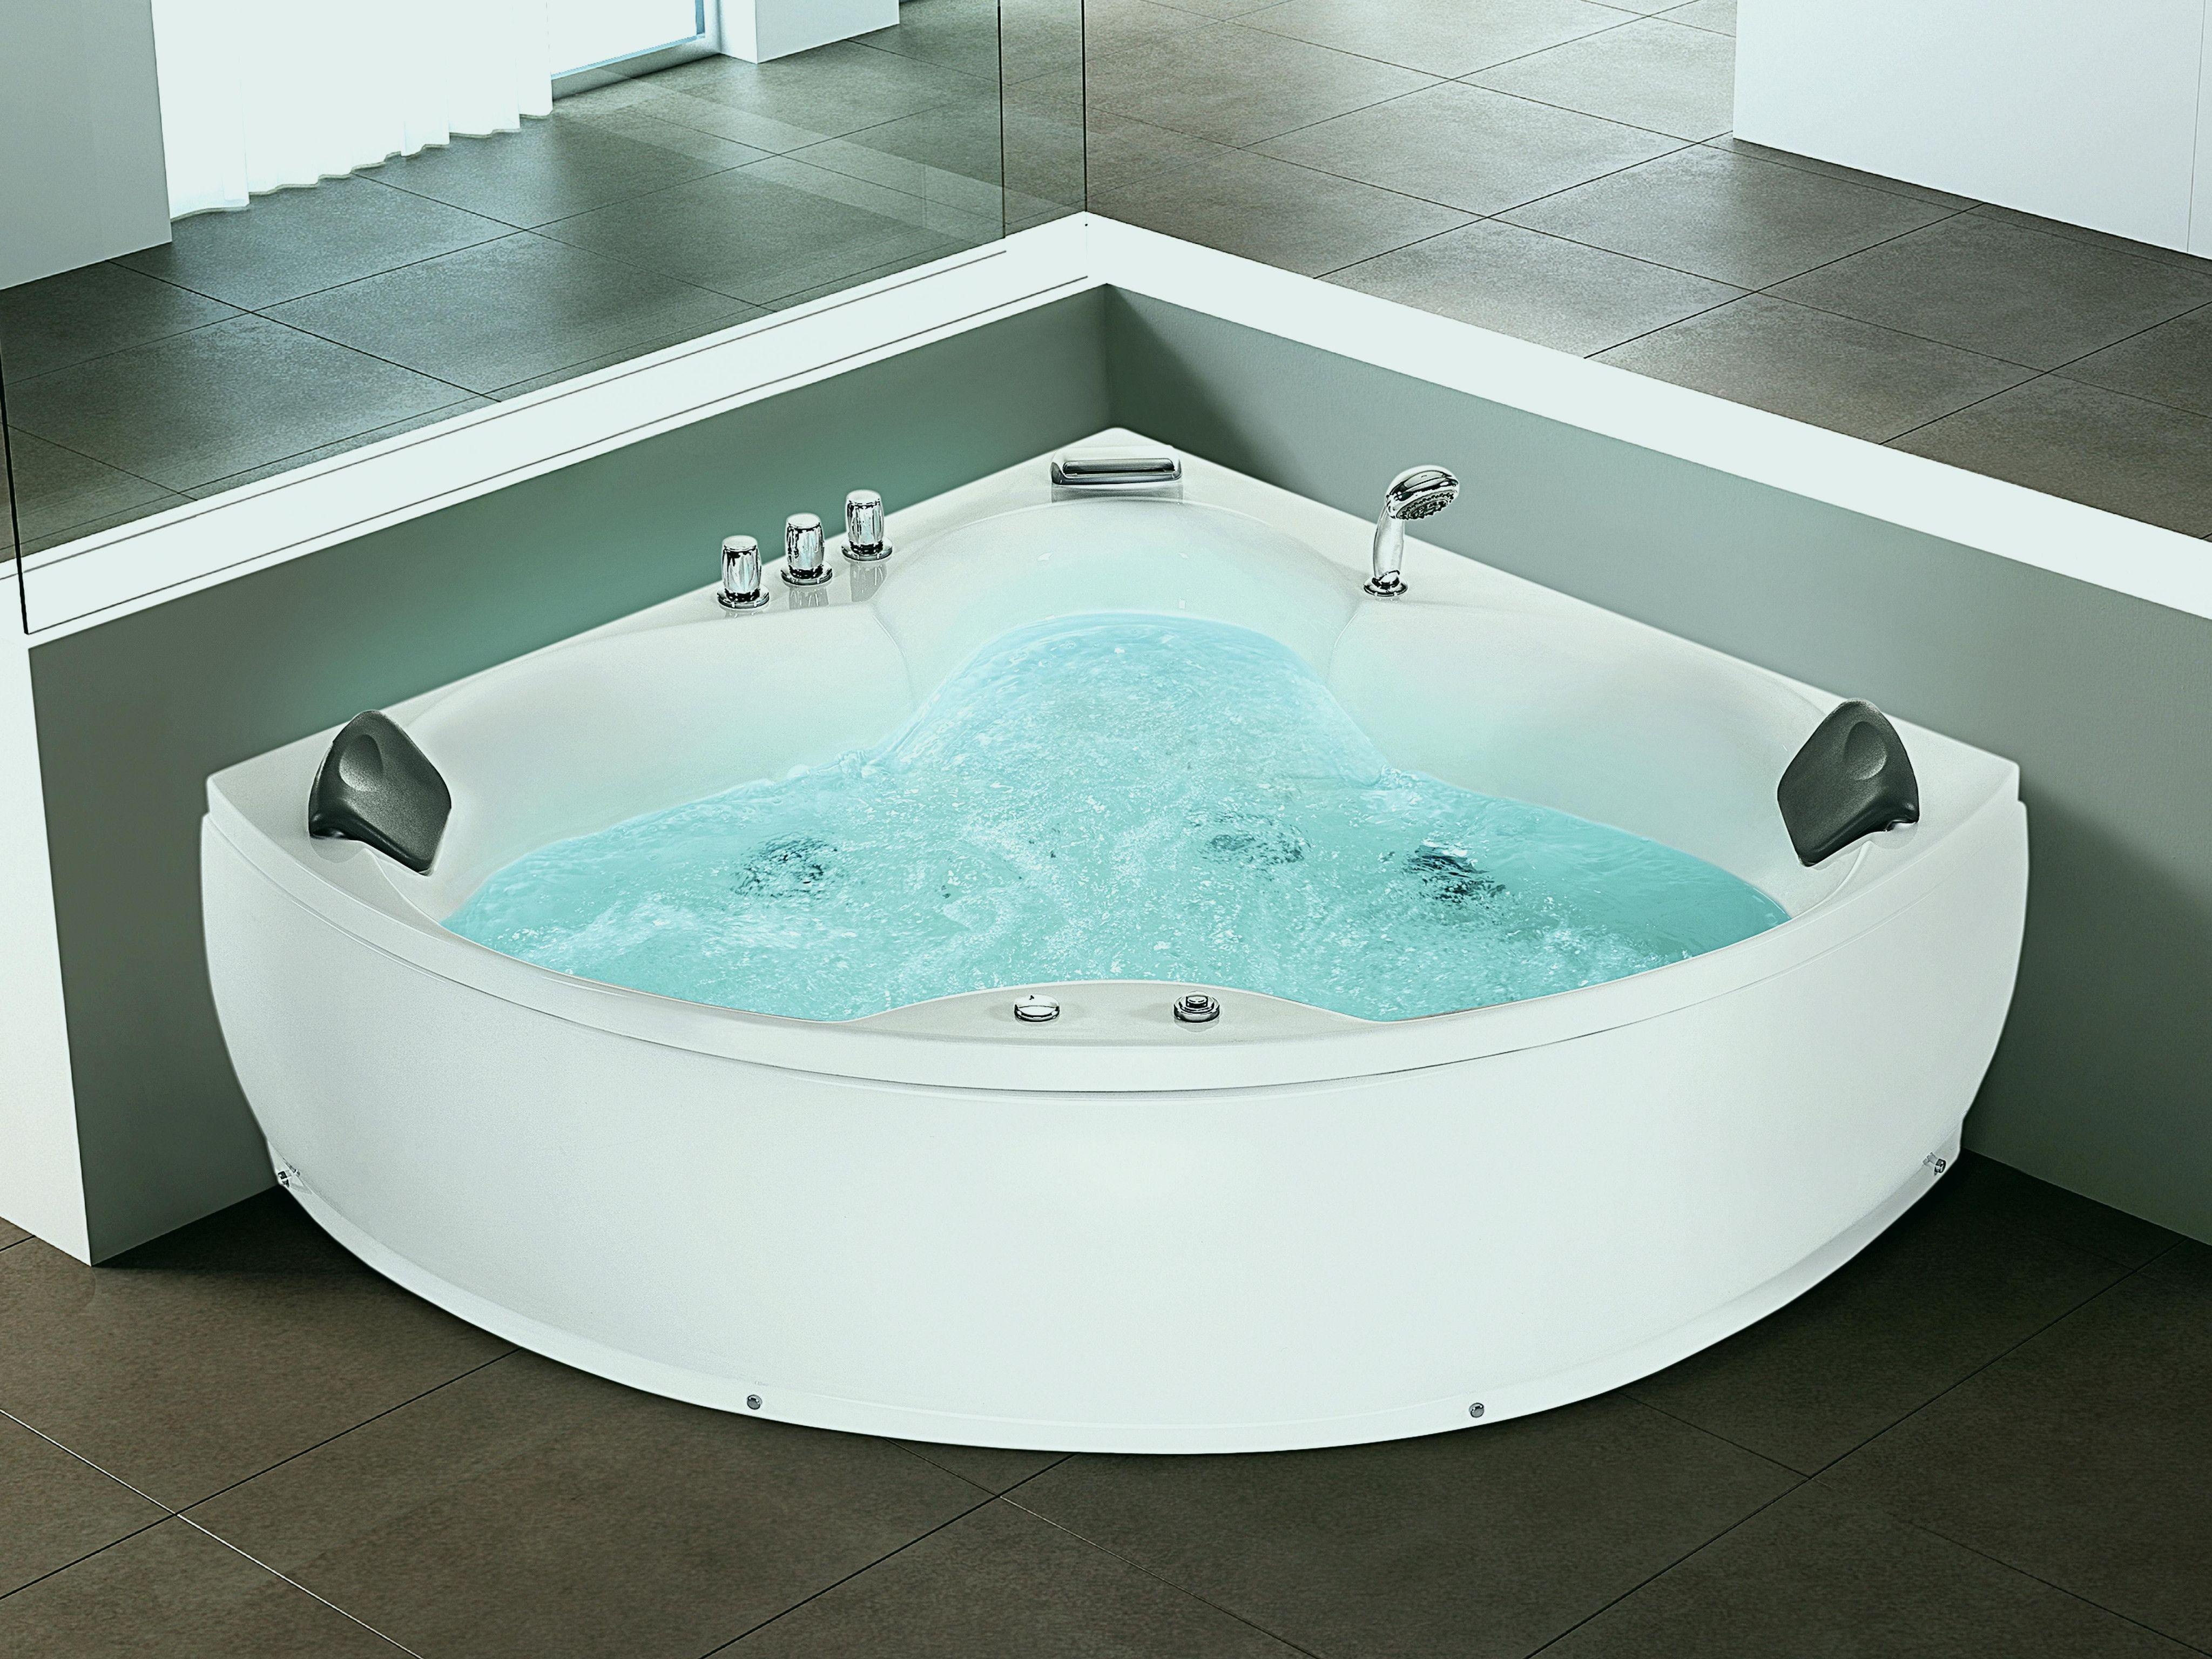 jacuzzi pour baignoire Tapis Hydromassage Pour Baignoire Les Concepteurs Utilisent Dans Leur  Propre Maison